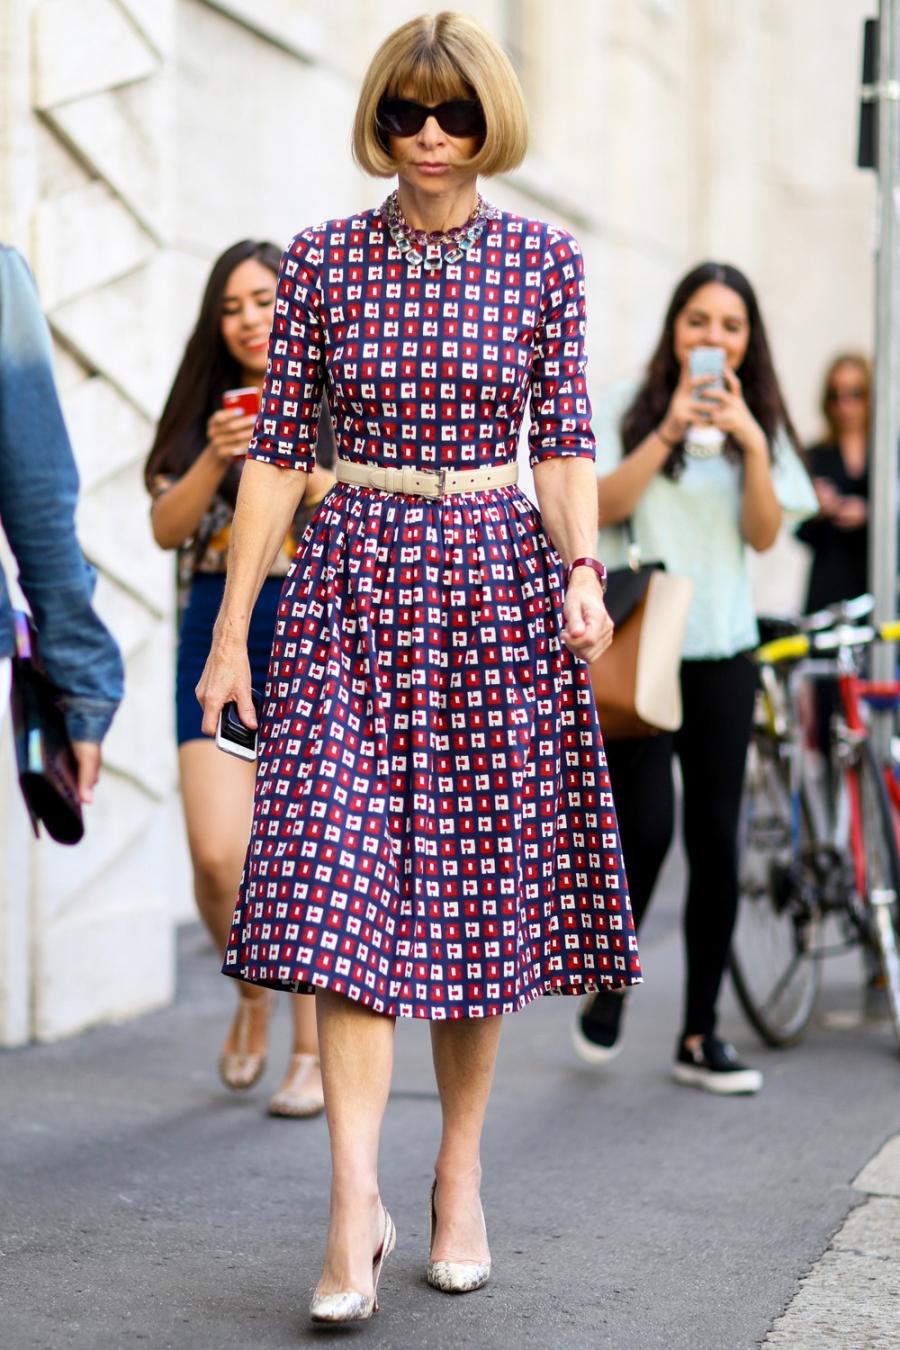 На фото: женственное платье, которые отличает тонкая талия и расклешённая юбка.